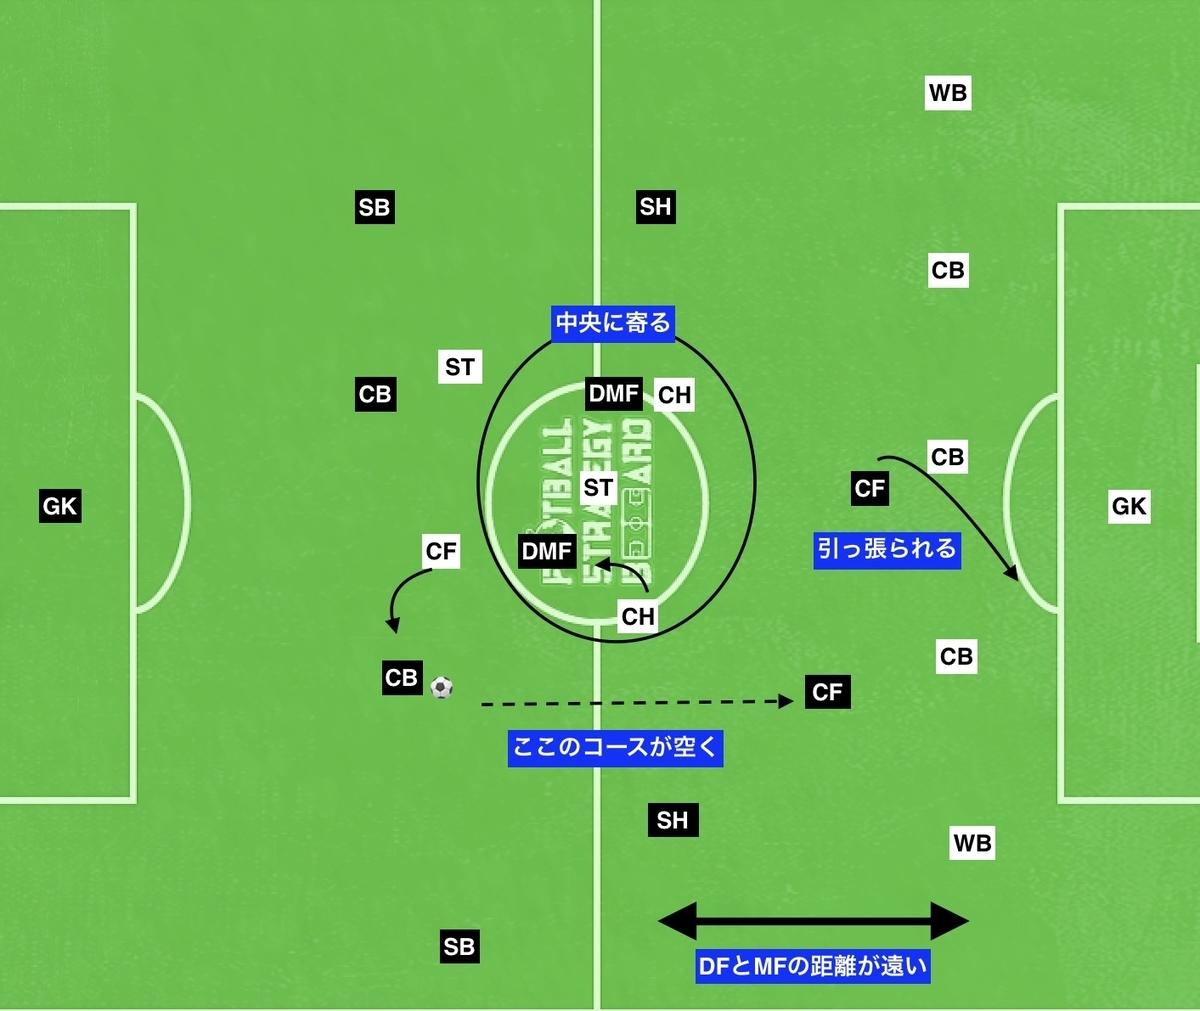 f:id:football-analyst:20190802100733j:plain